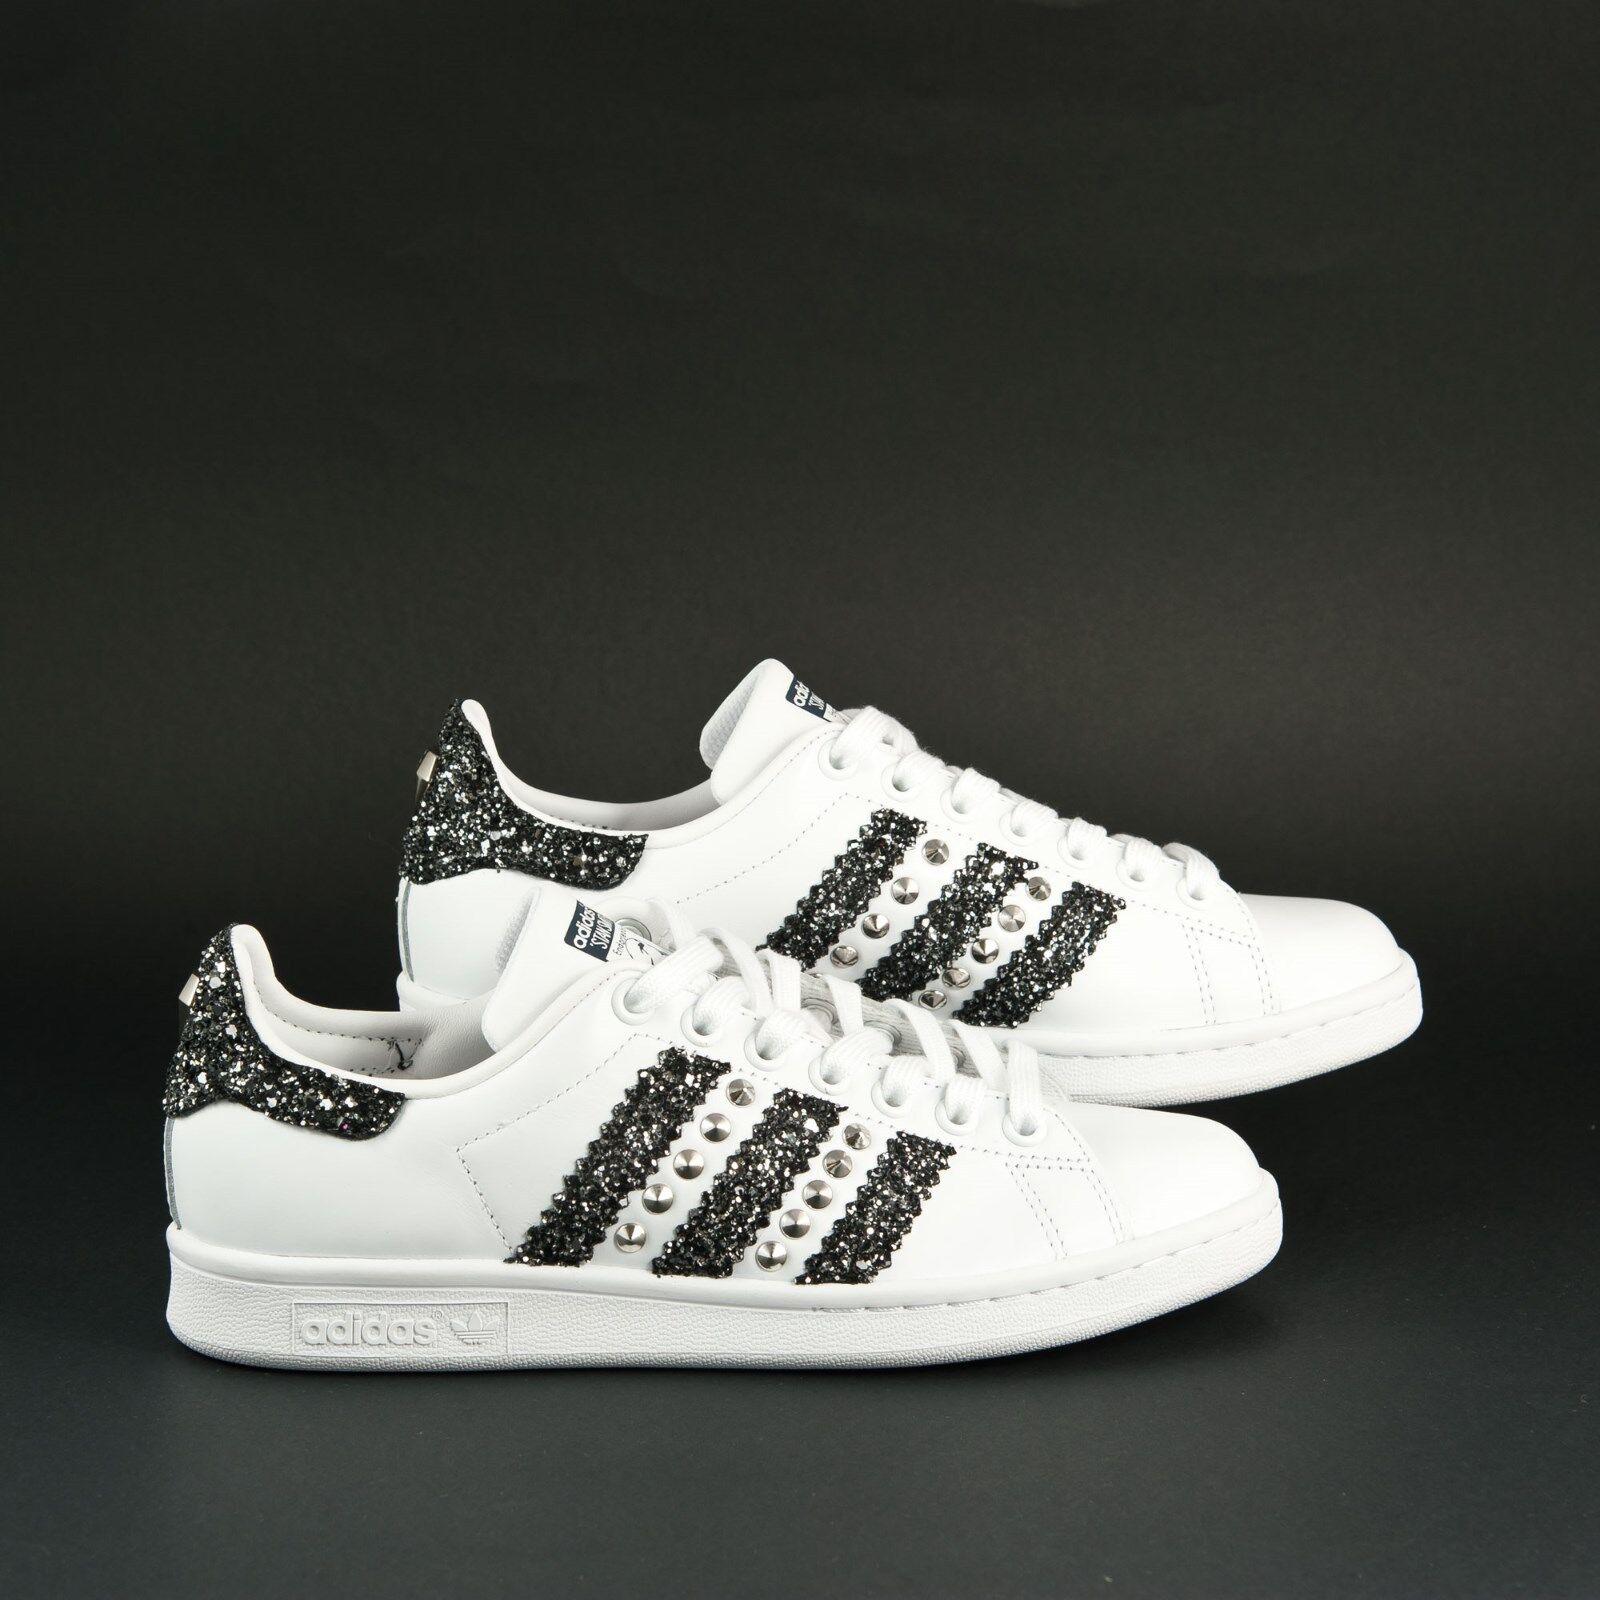 Zapatos casuales salvajes scarpe adidas stan smith con glitter grigio antracite e borchie argento